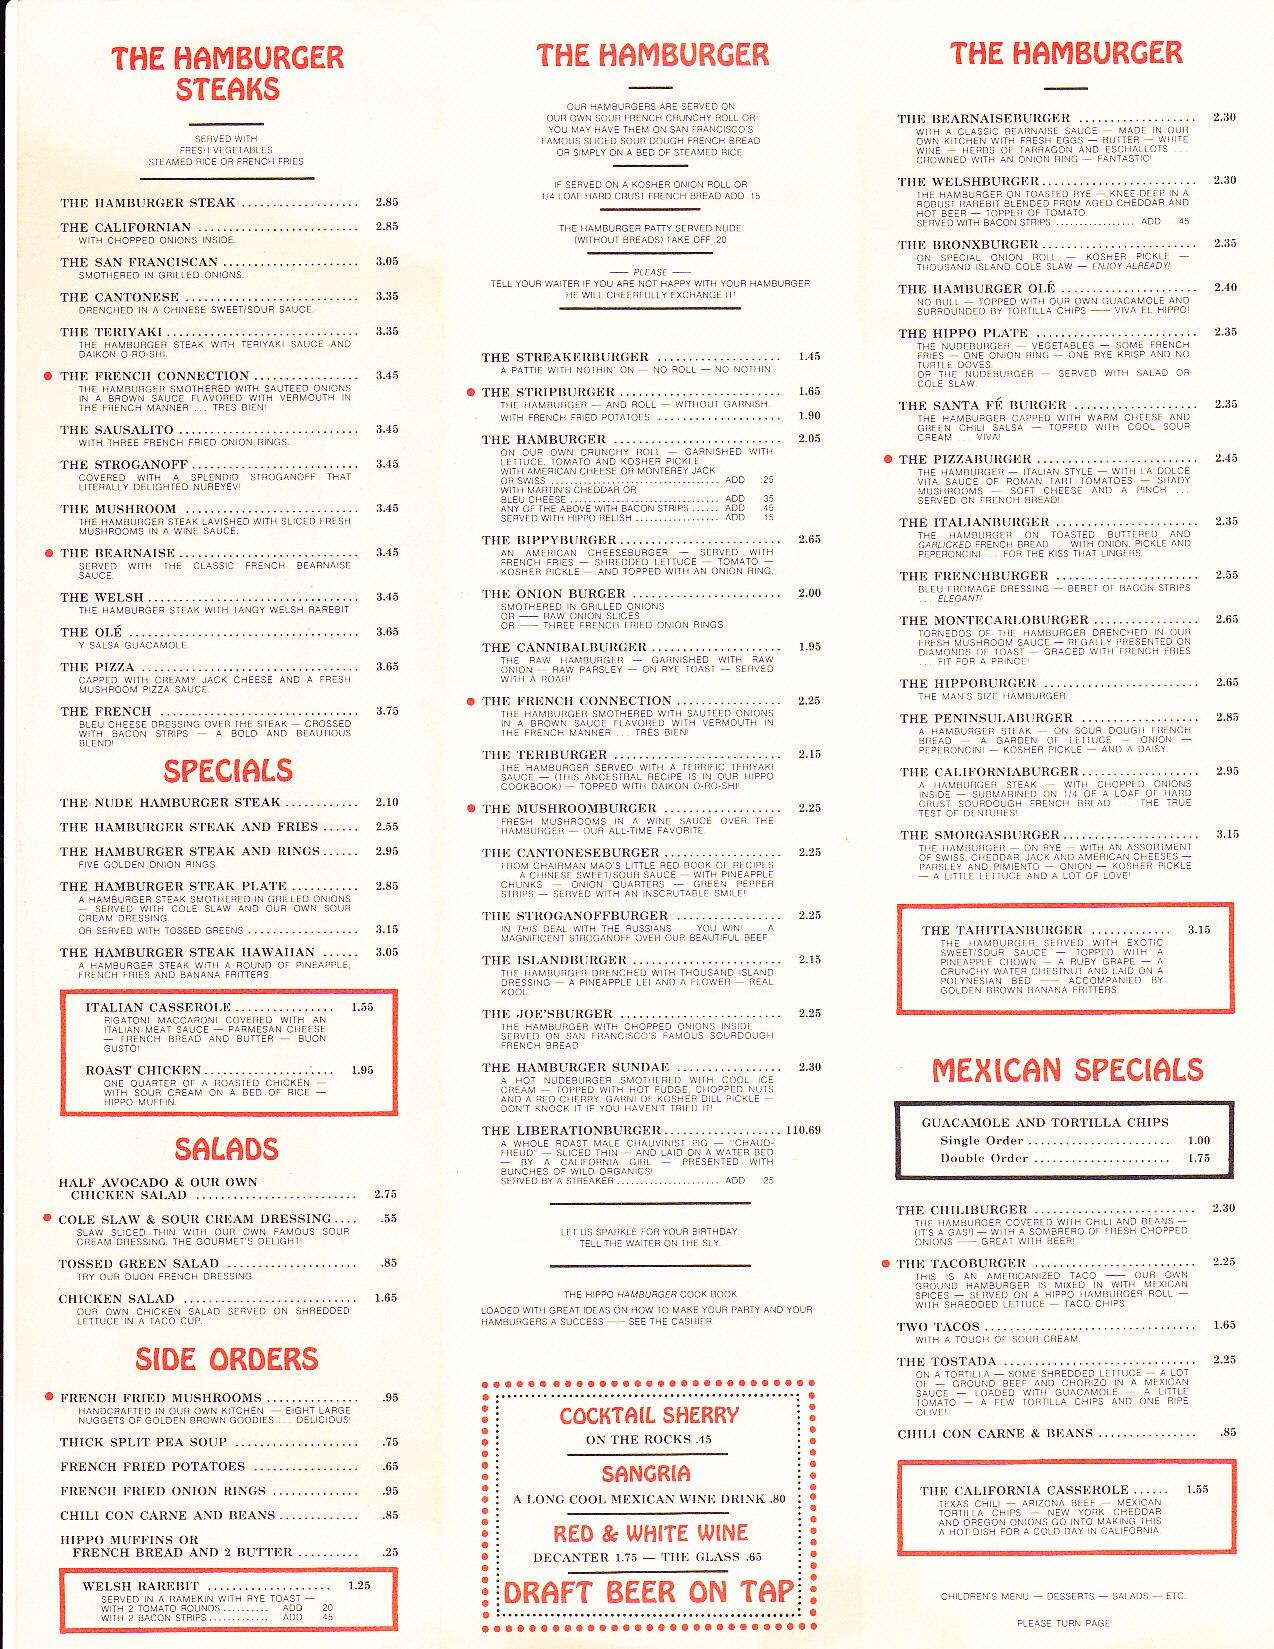 zims-menu – Restaurant Realty Company